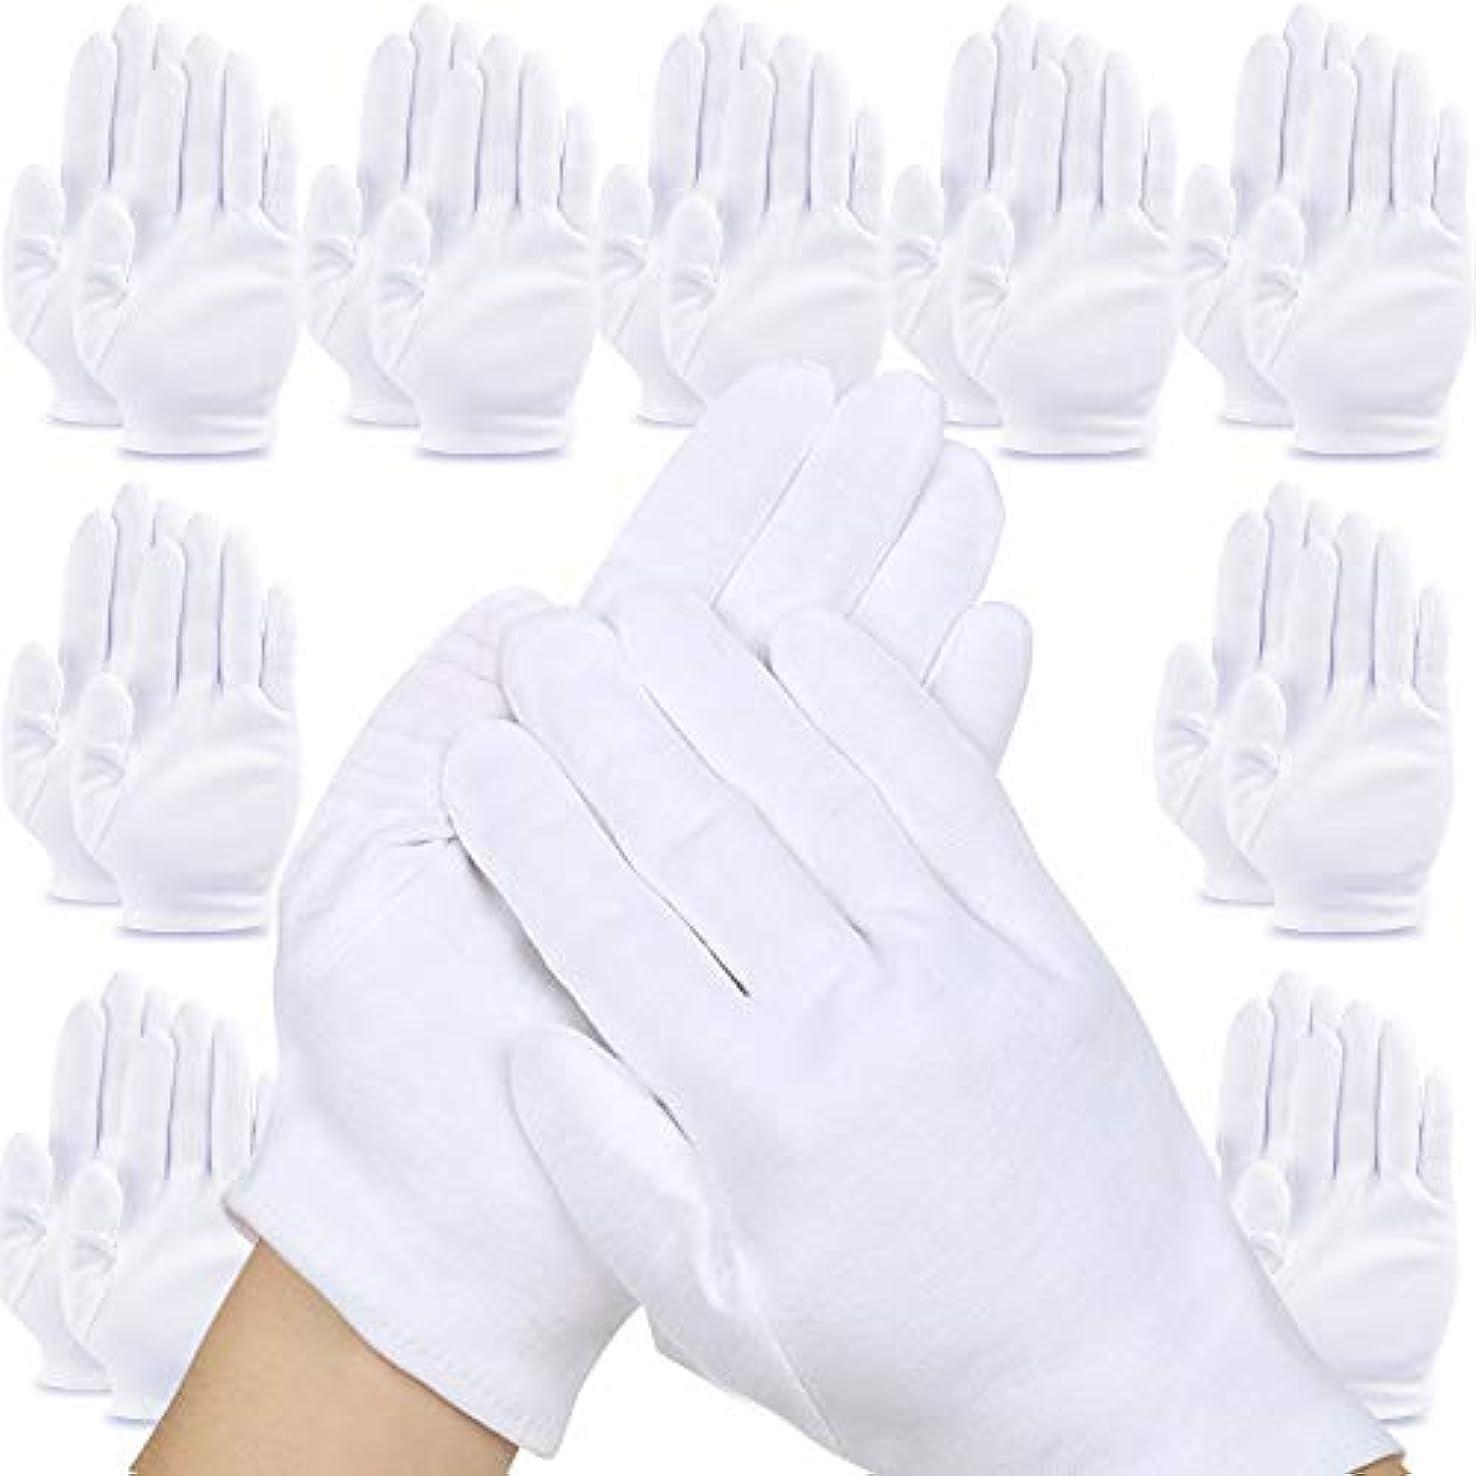 サーキュレーションランドマーク作りますコットン手袋 綿手袋 インナーコットン手袋 白手袋 20枚入り 手荒れ 手袋 Sサイズ おやすみ 手袋 湿疹用 乾燥肌用 保湿用 家事用 礼装用 ガーデニング用